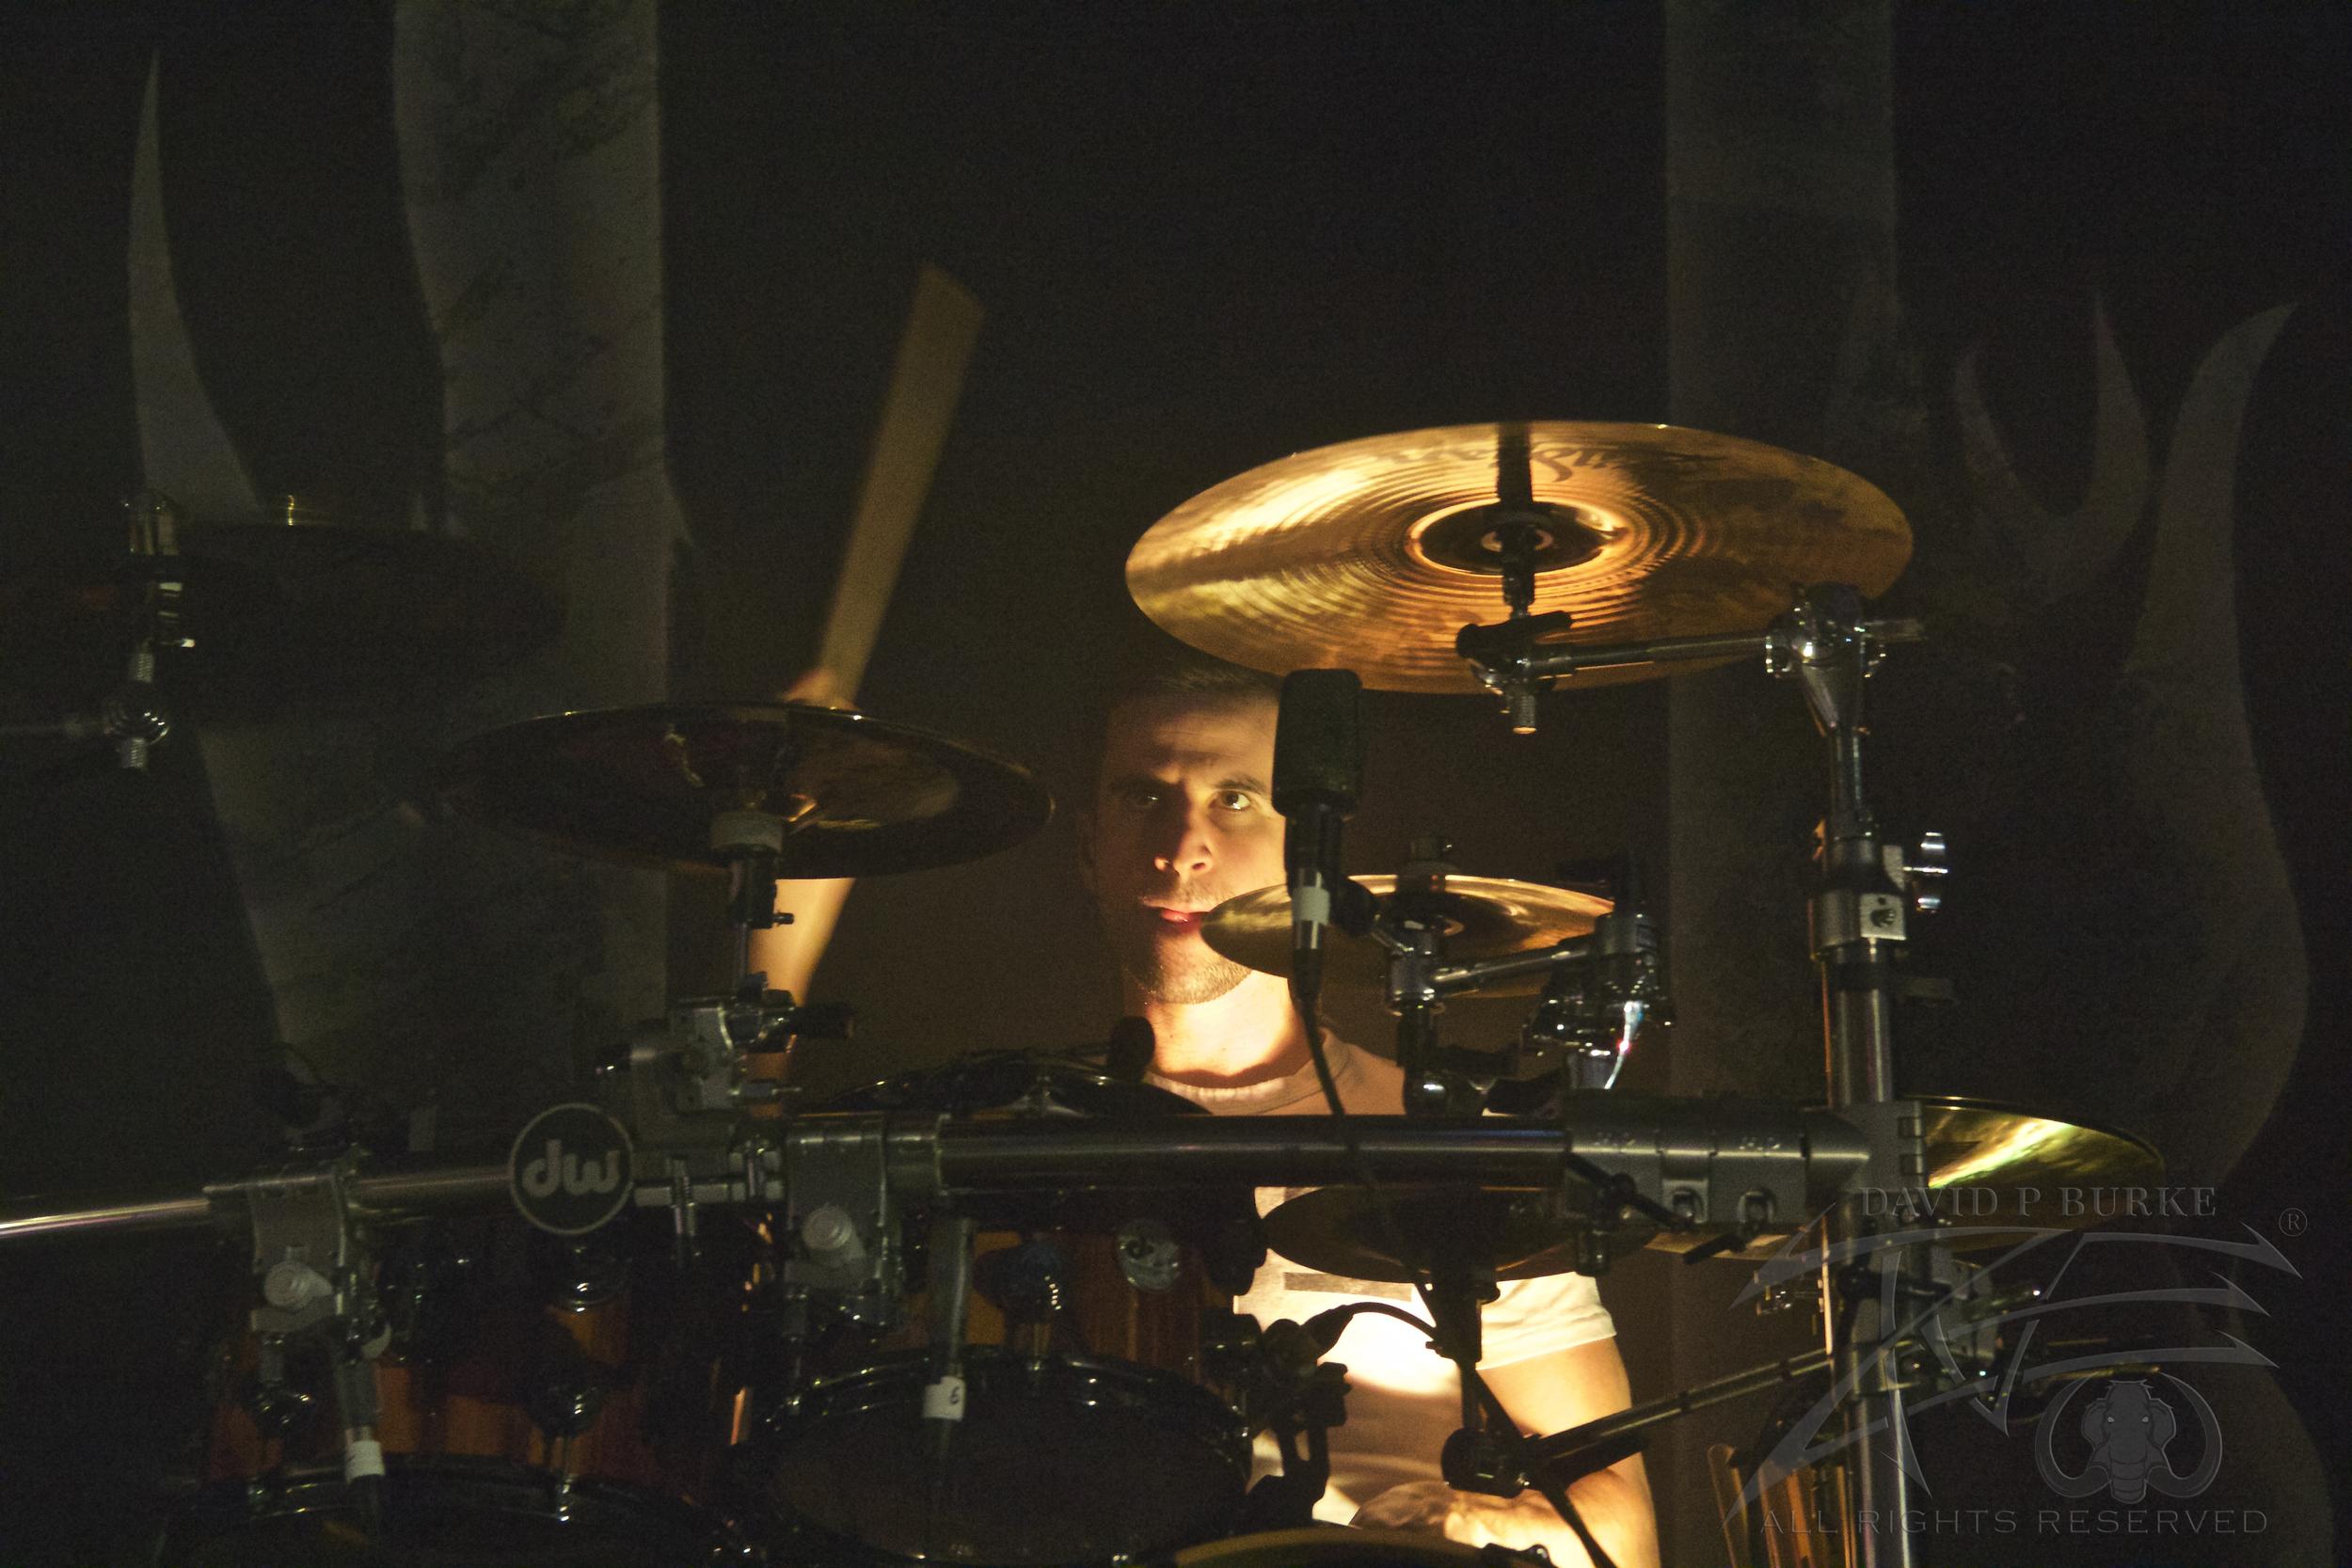 August Burns Red drummer Matt Greiner  photo: David Burke